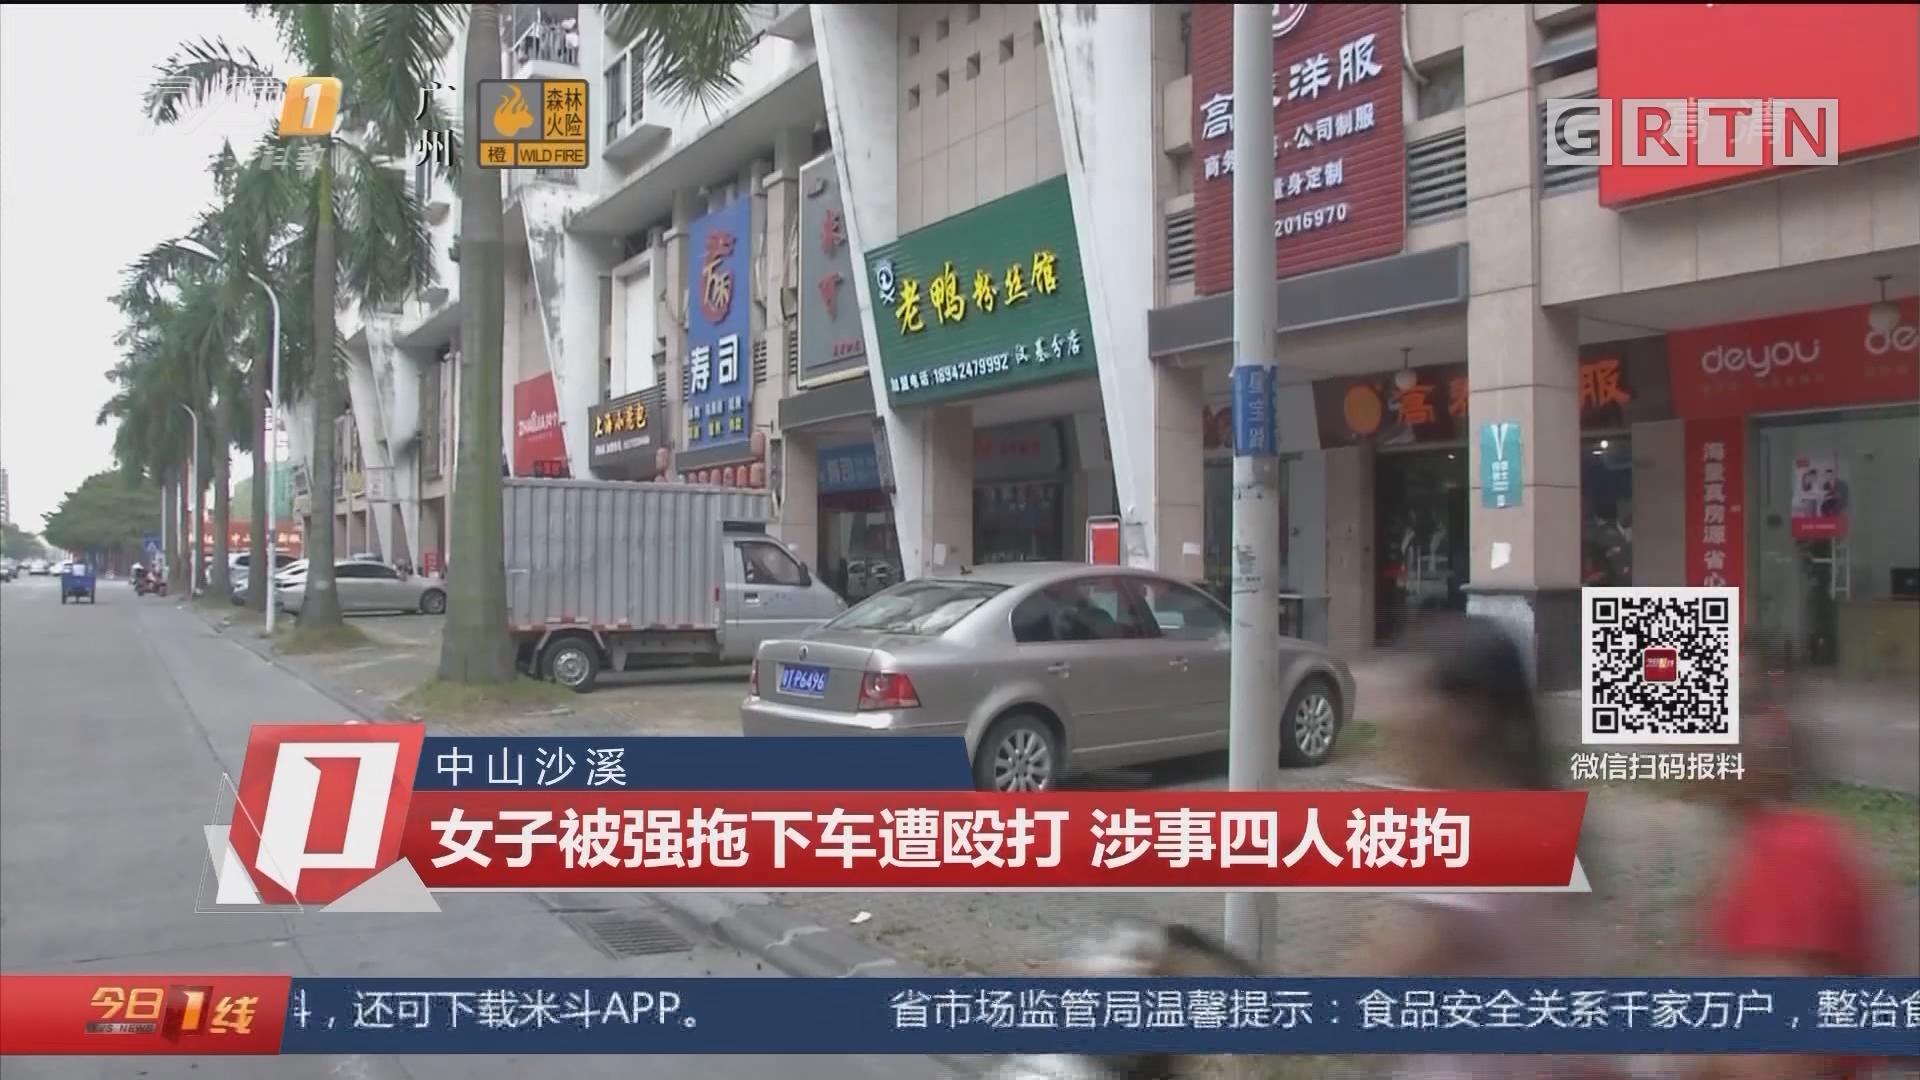 中山沙溪:女子被强拖下车遭殴打 涉事四人被拘